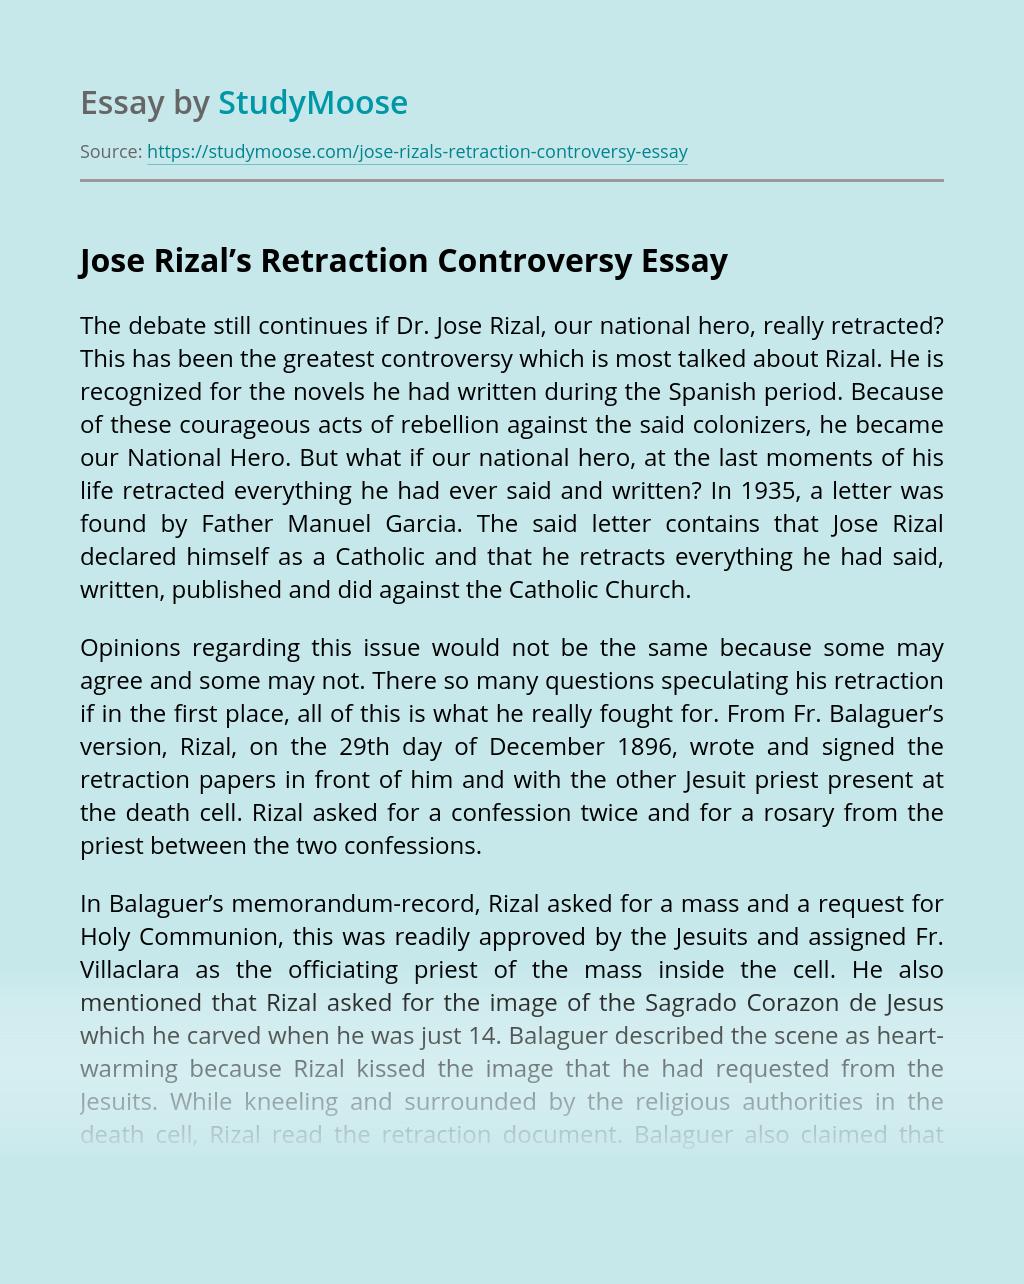 Jose Rizal's Retraction Controversy